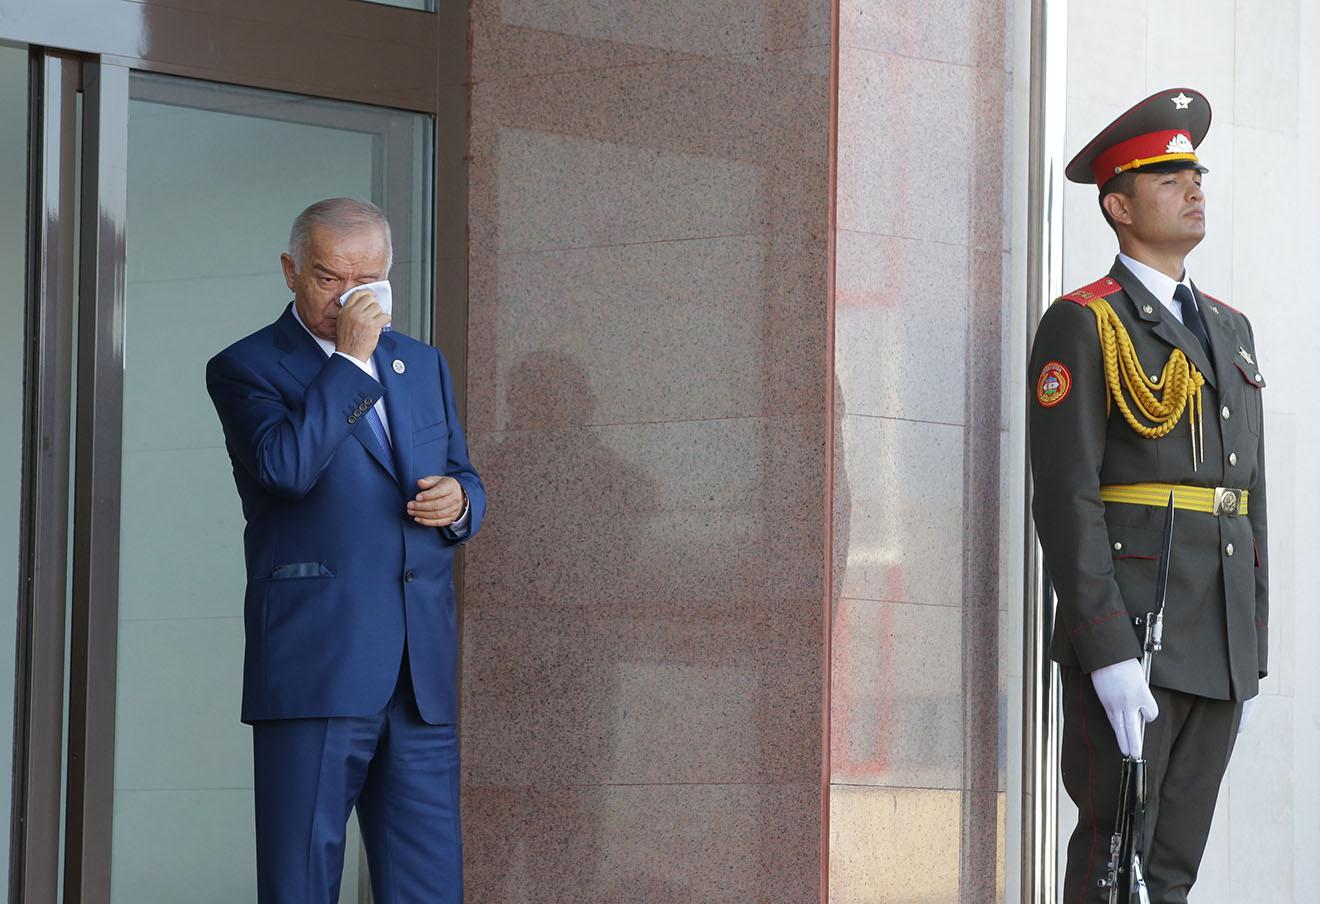 Президент Узбекистана Ислам Каримов на церемонии проводов Владимира Путина в аэропорту города Ташкента, 24 июня 2016 года. Фото: Михаил Метцель / ТАСС